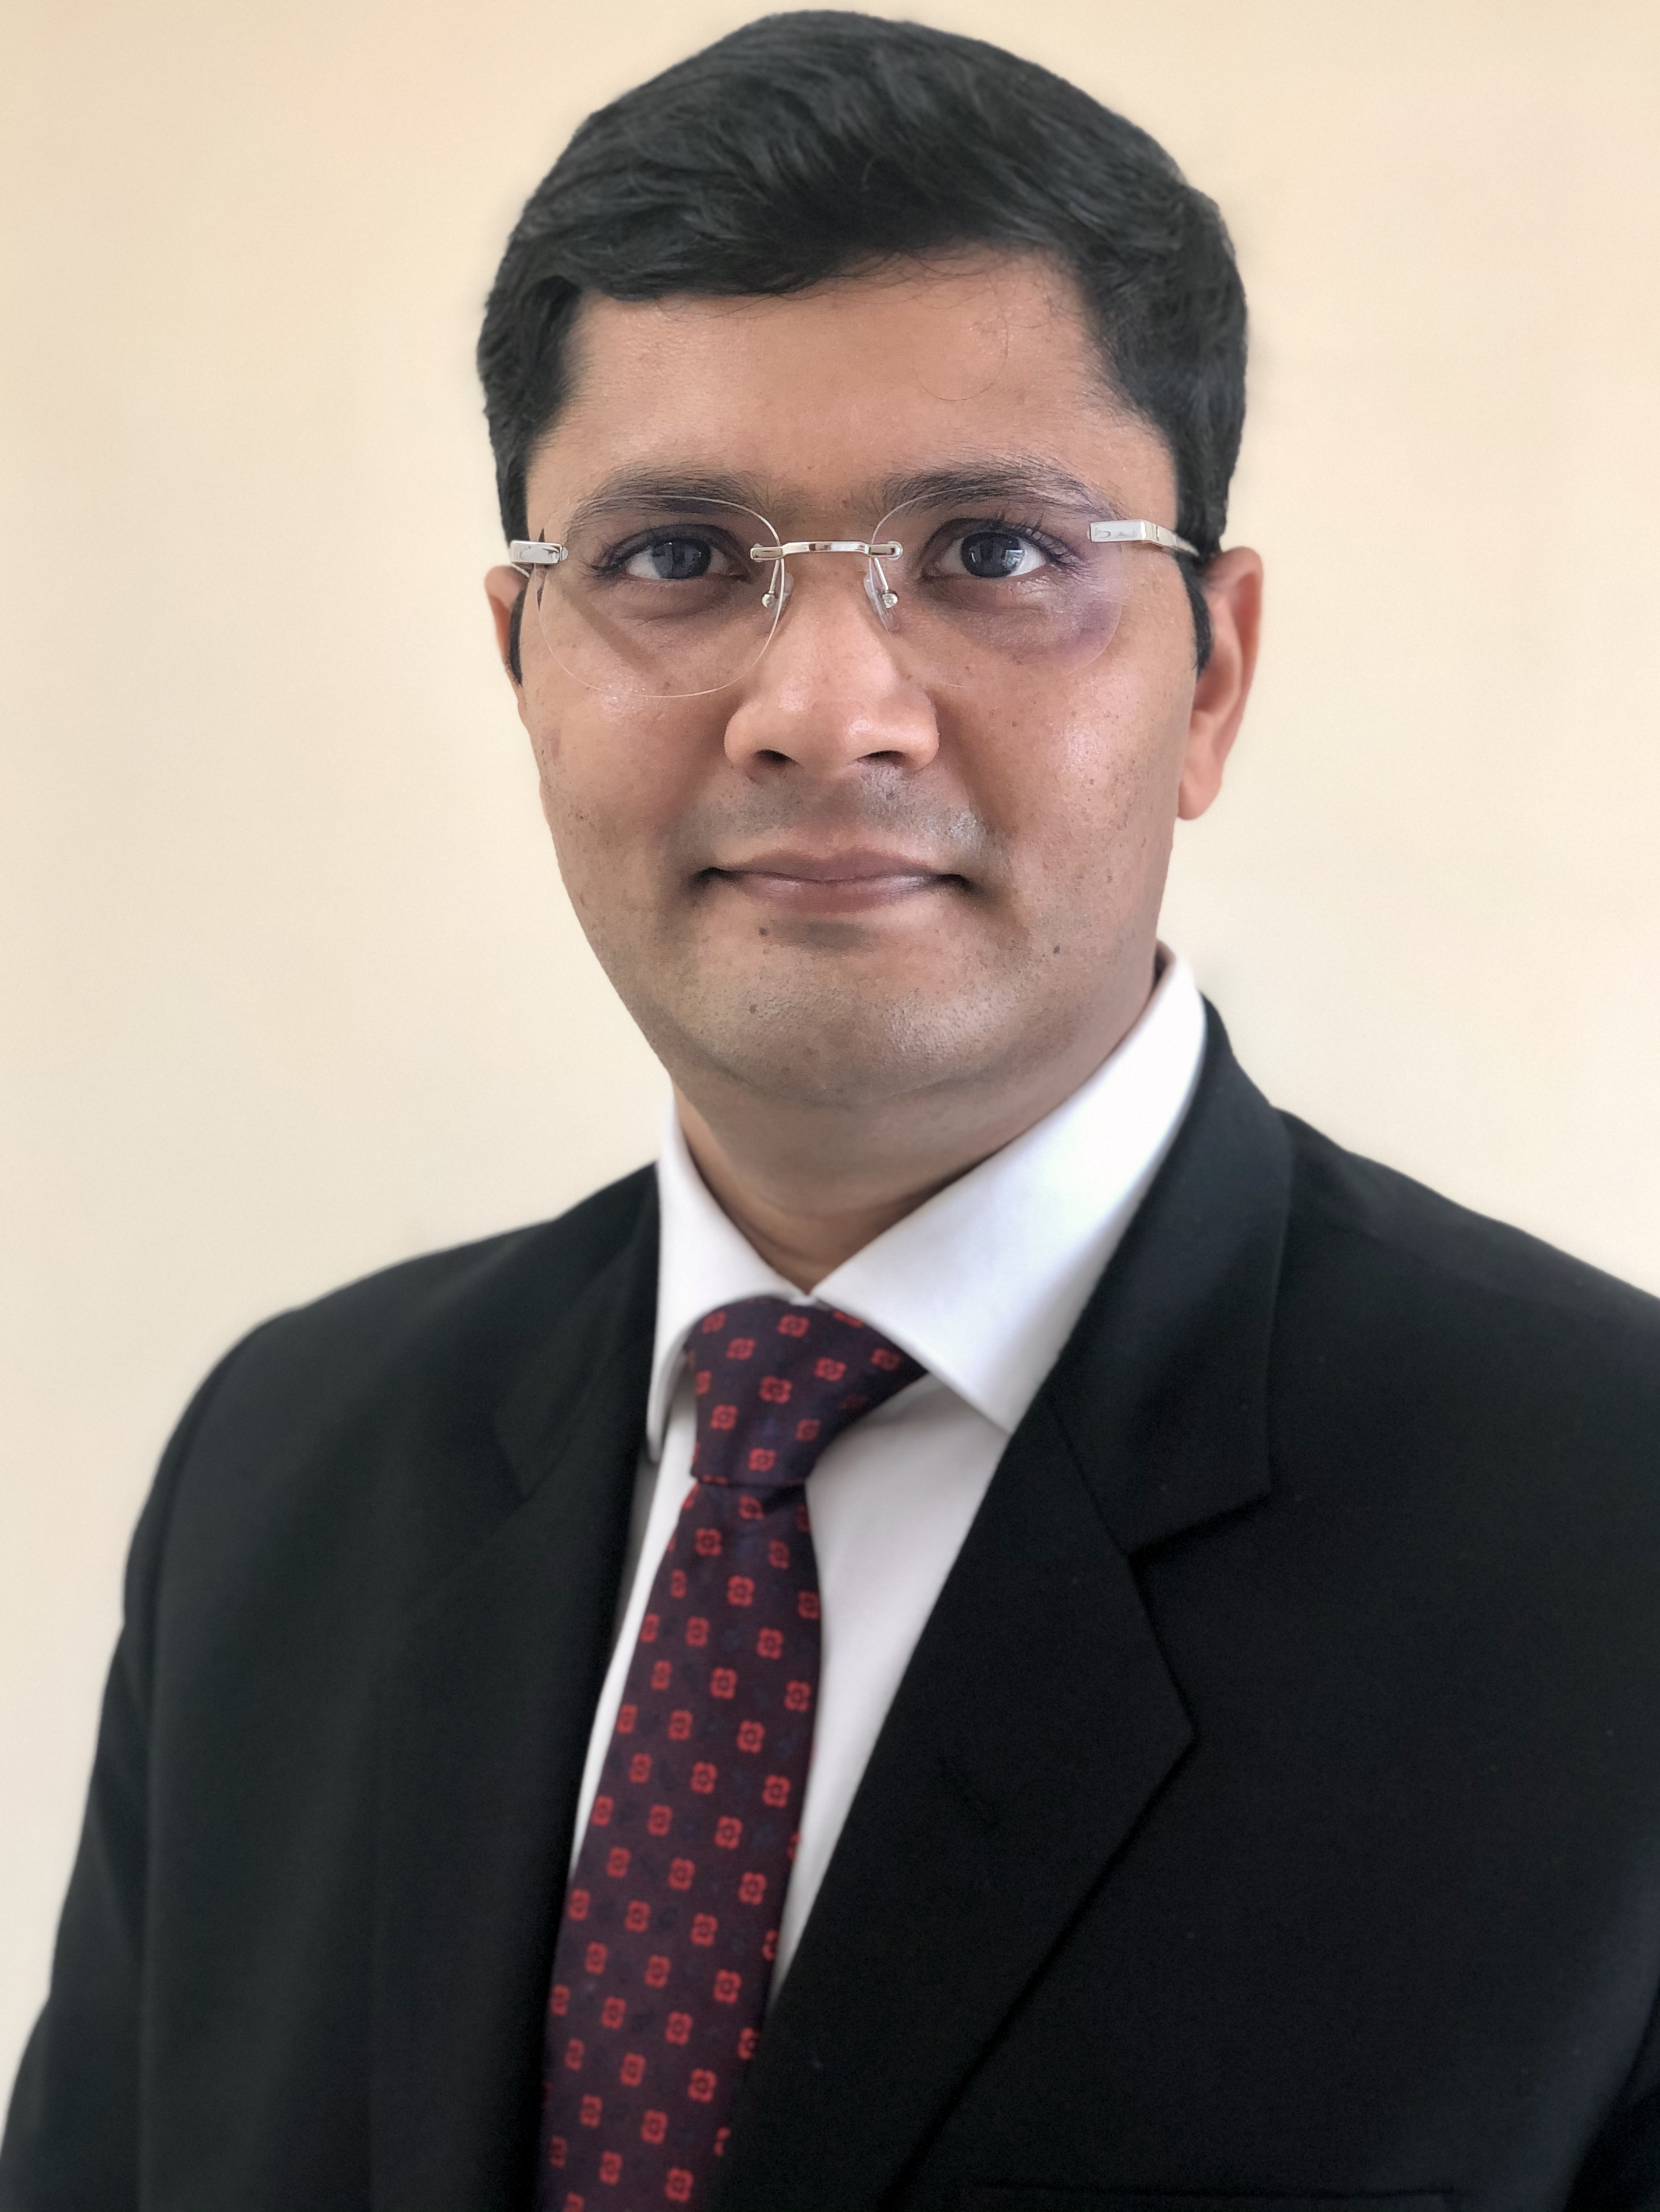 201028 Nitesh Jain